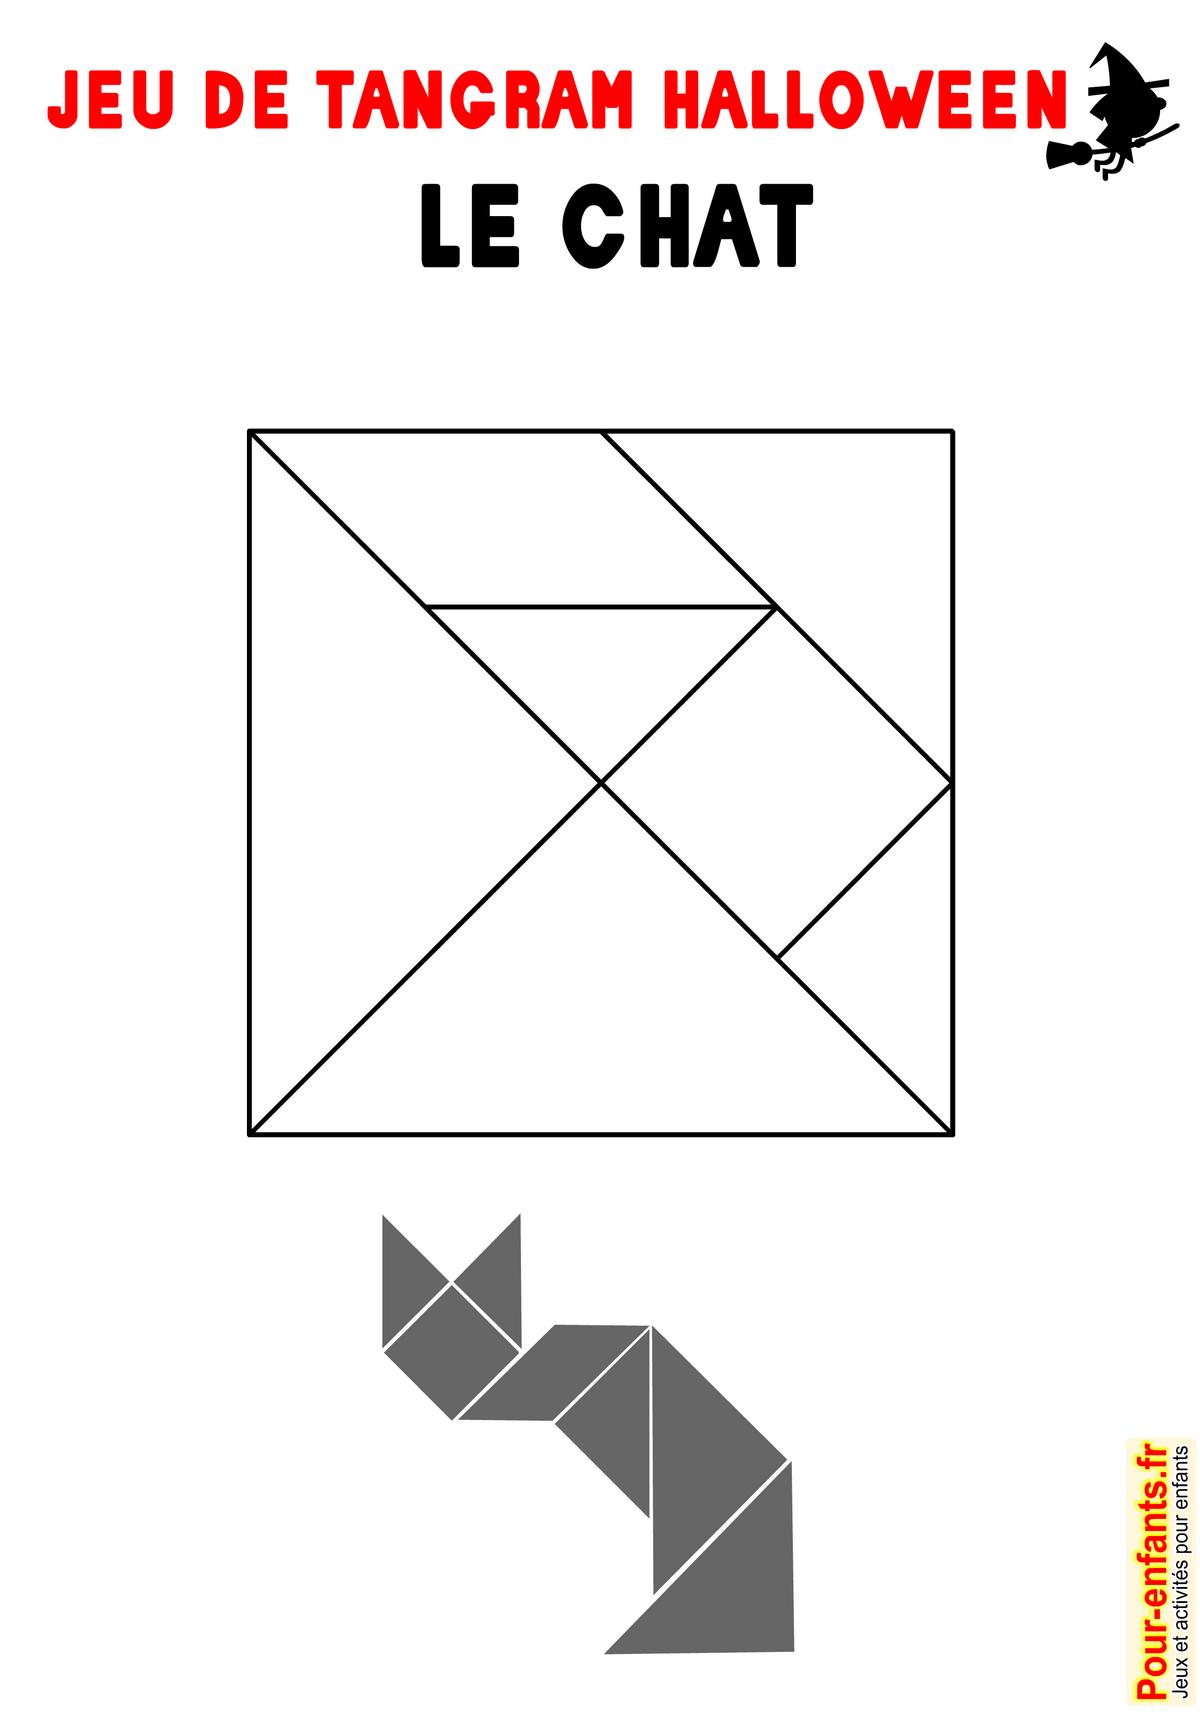 Jeu De Tangram À Imprimer Chat Halloween Imprimable Gratuit tout Jeux De Tangram Gratuit